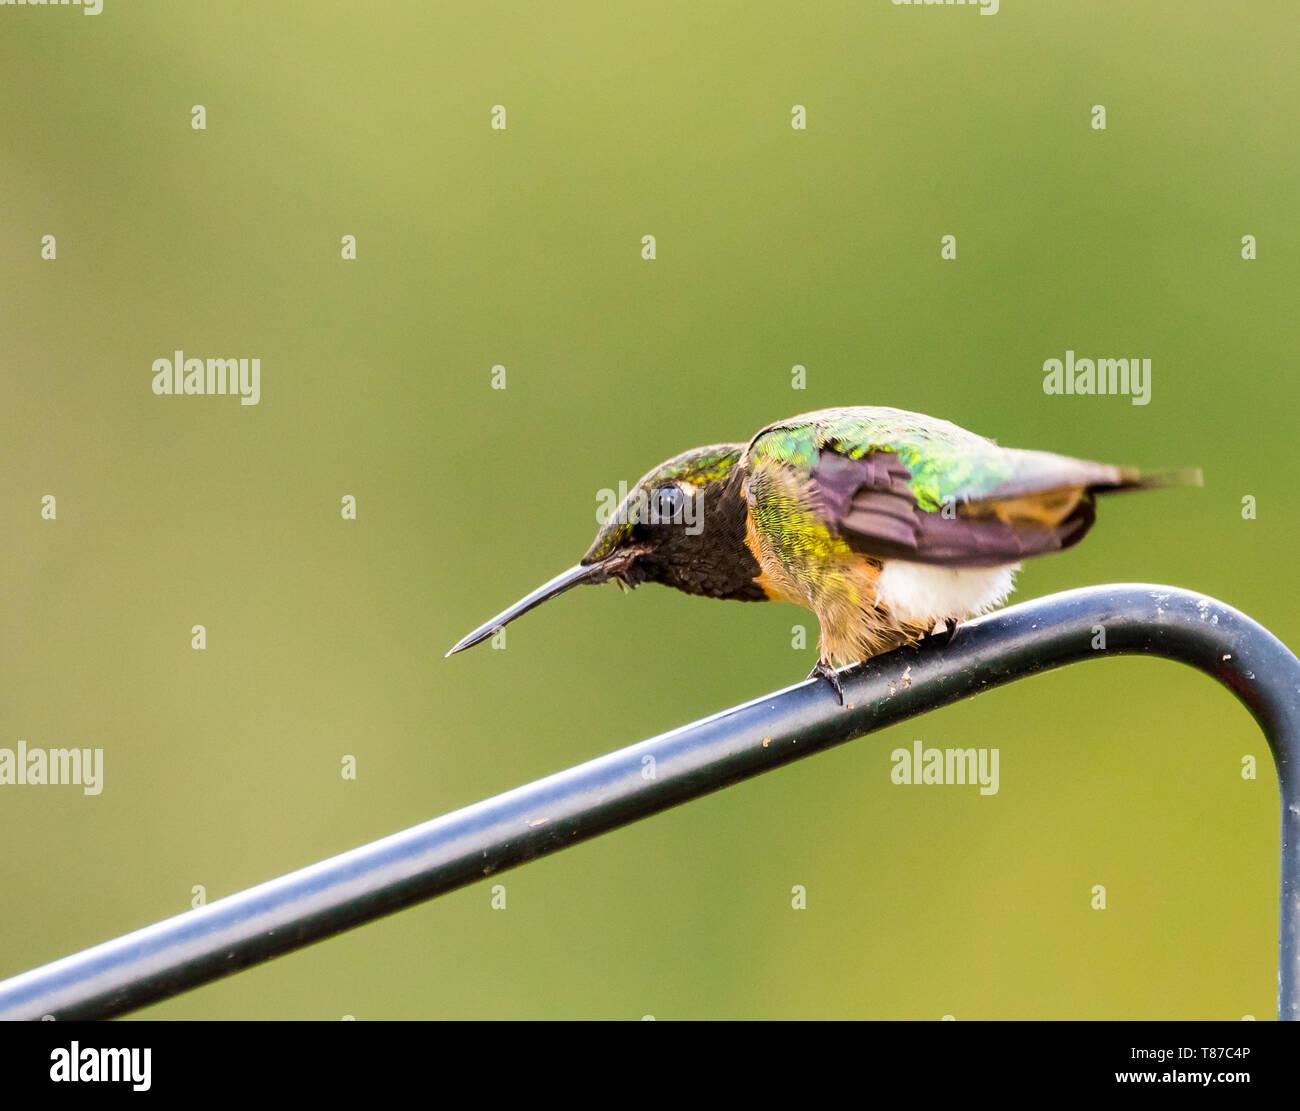 Männliche Ruby-Throated Kolibri in bedrohlichen Haltung weg eine andere Kolibri zu erschrecken. Stockbild